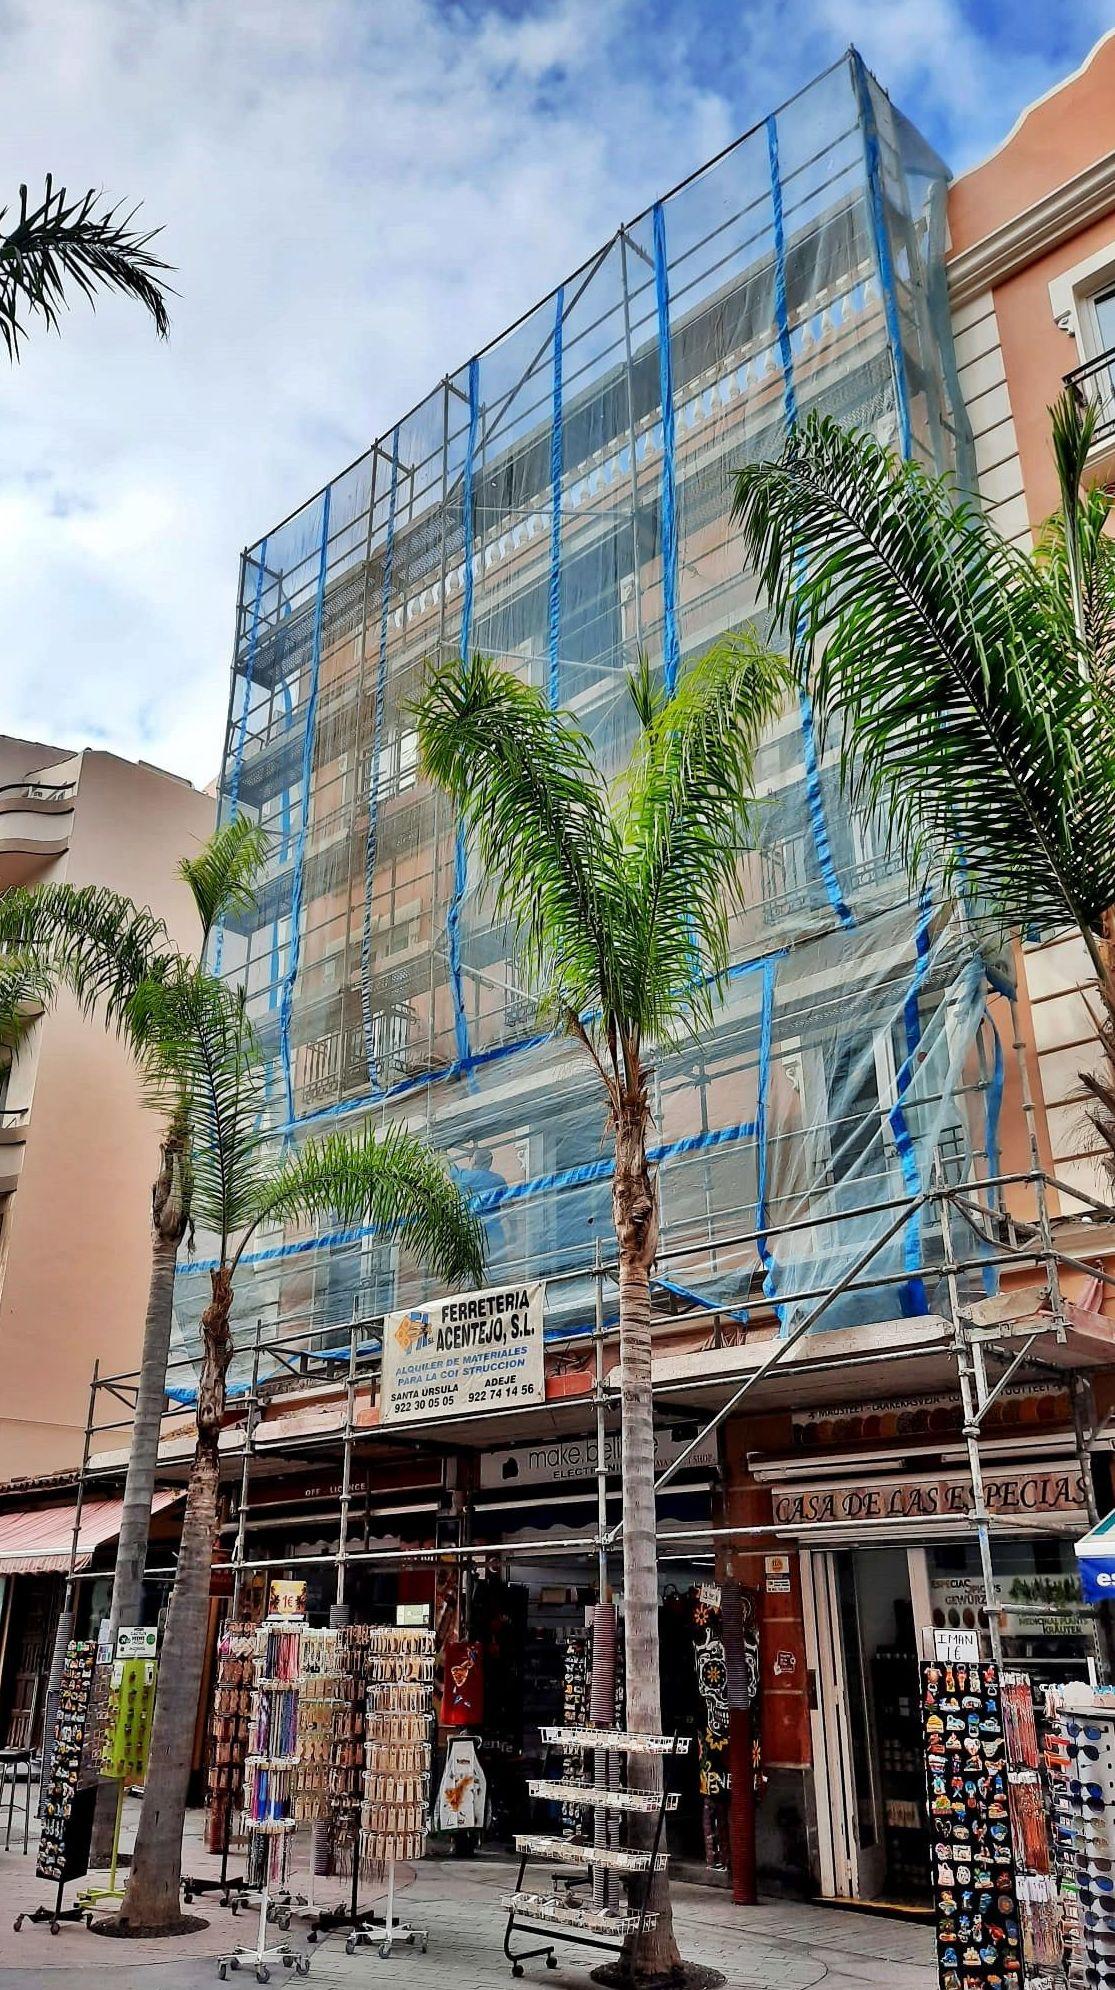 Montaje de andamios en fachada. Puerto de la Cruz. Tenerife.